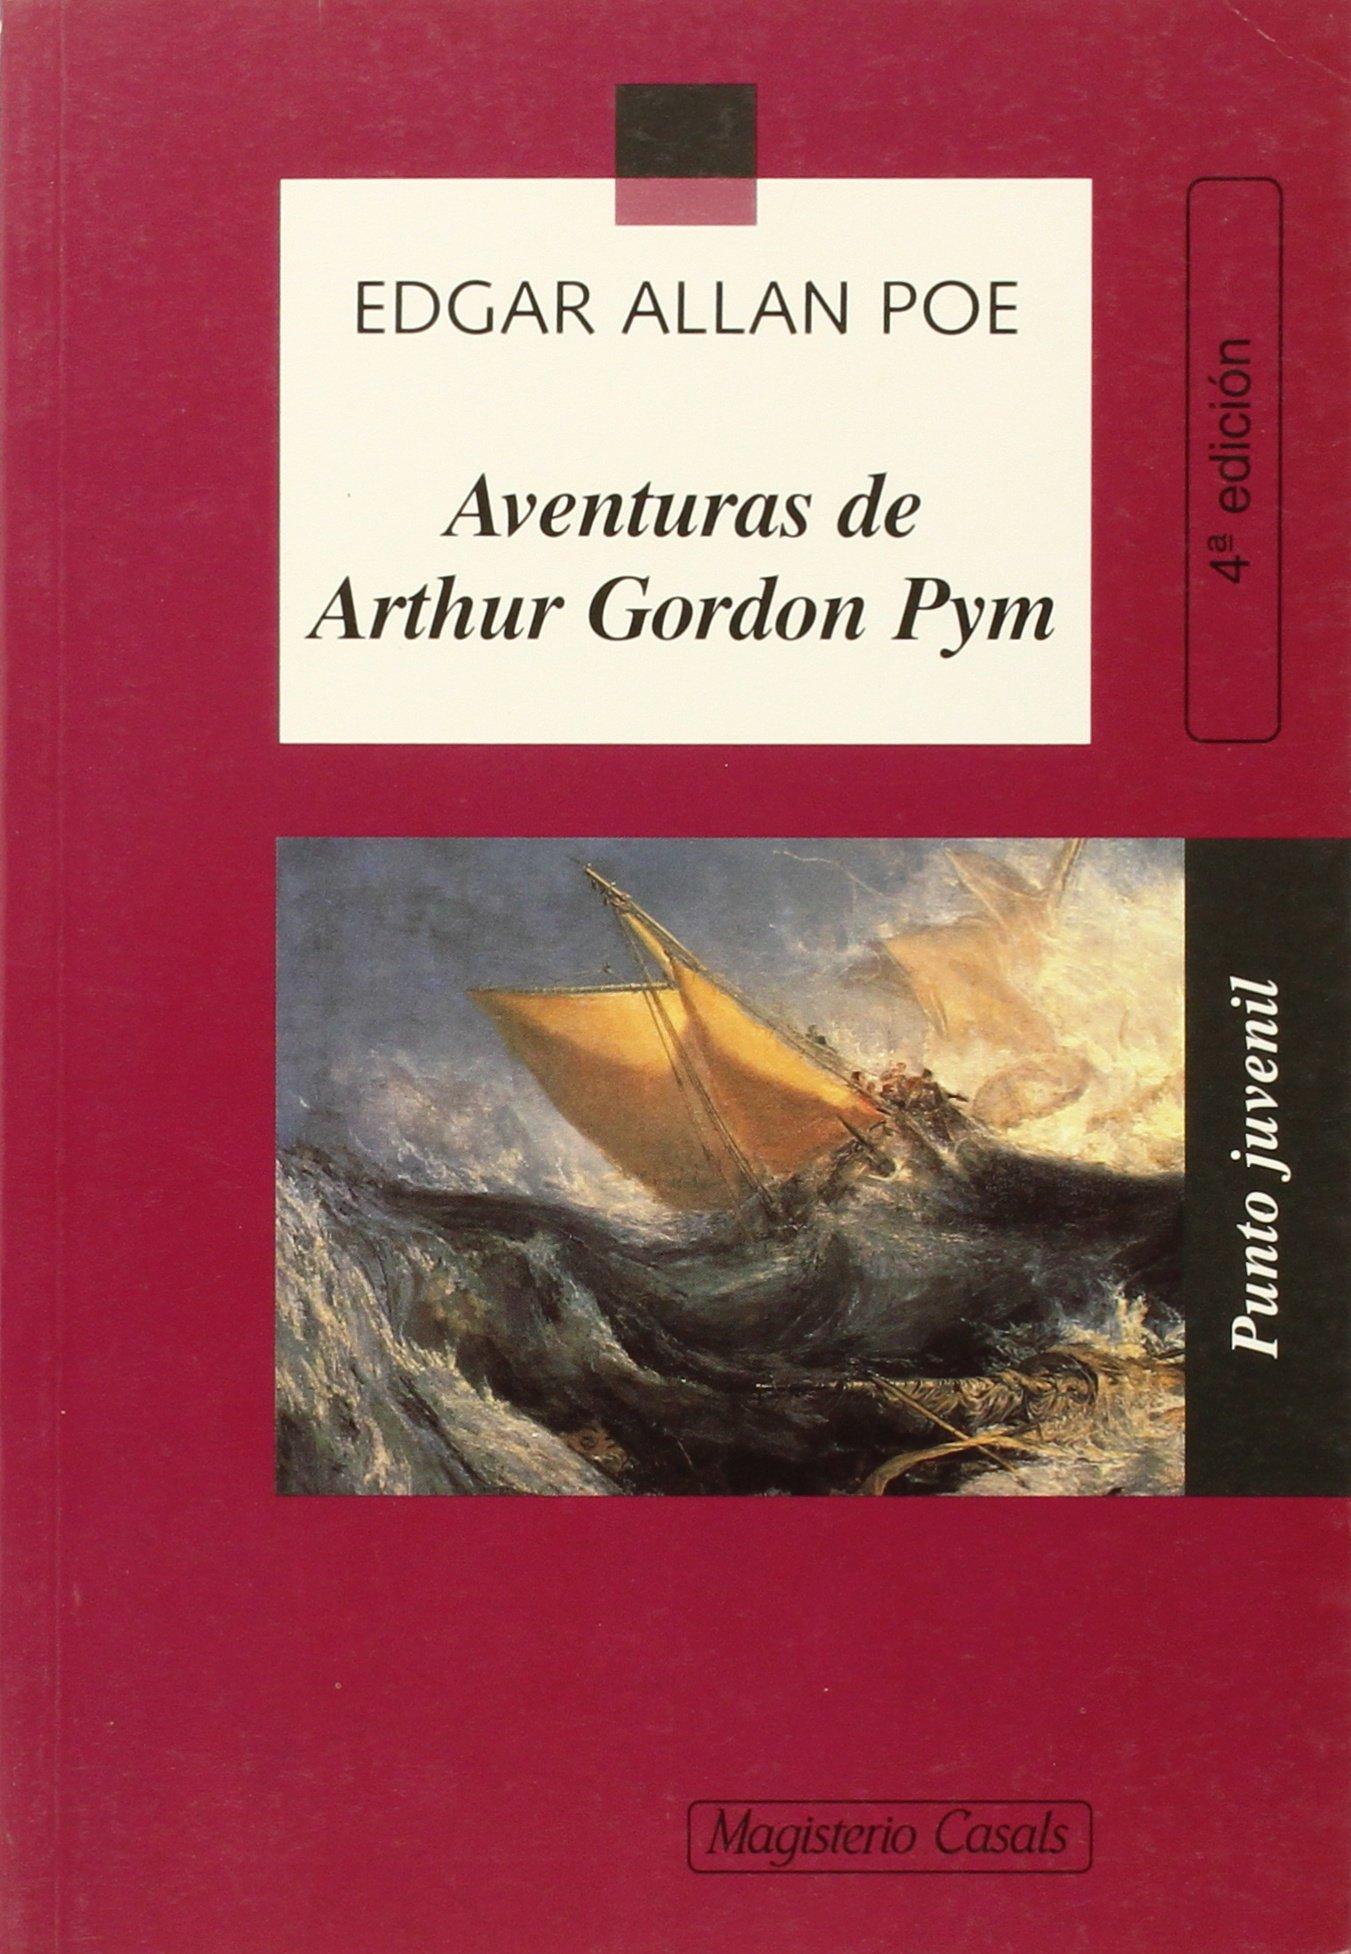 Aventuras de Arthur Gordon Pym (Punto Juvenil): Amazon.es: Edgar Allan Poe: Libros